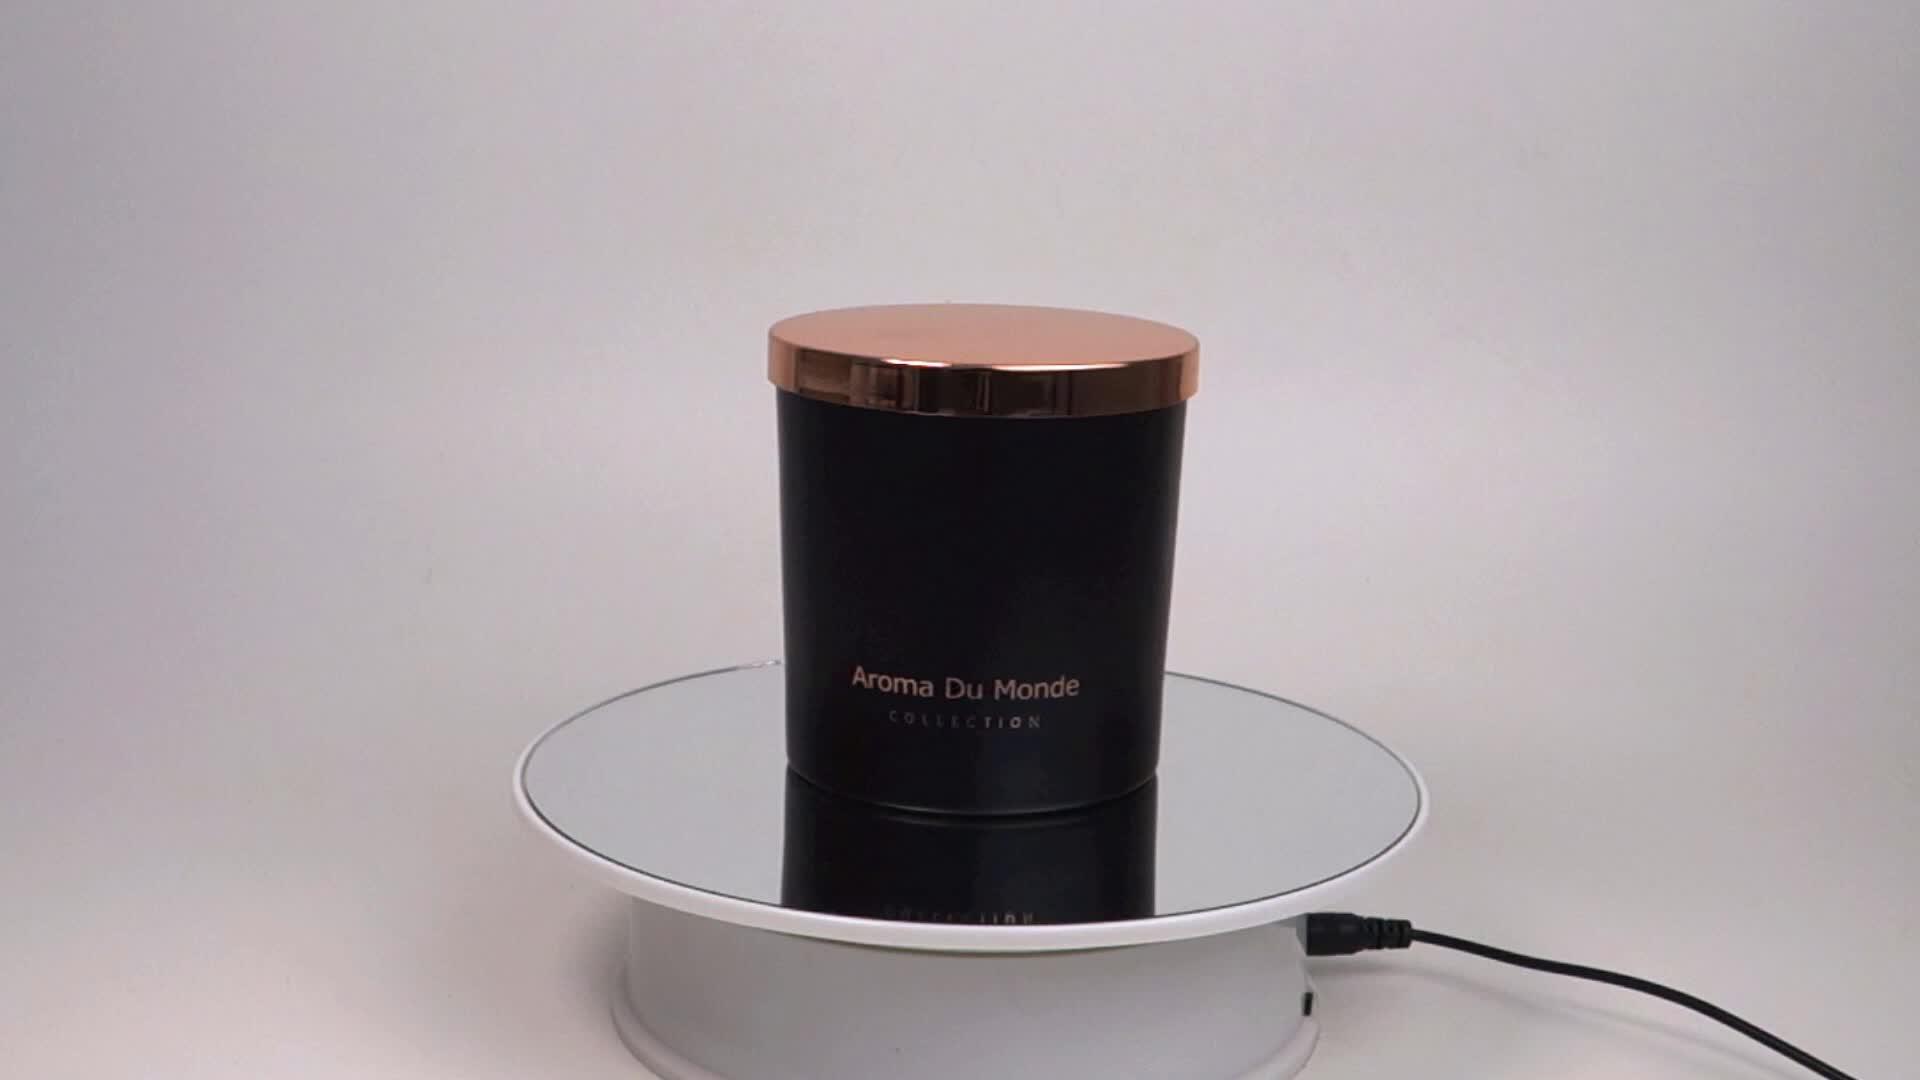 แก้วหรูสีดำเทียนโลหะ Rose Gold ฝาปิด